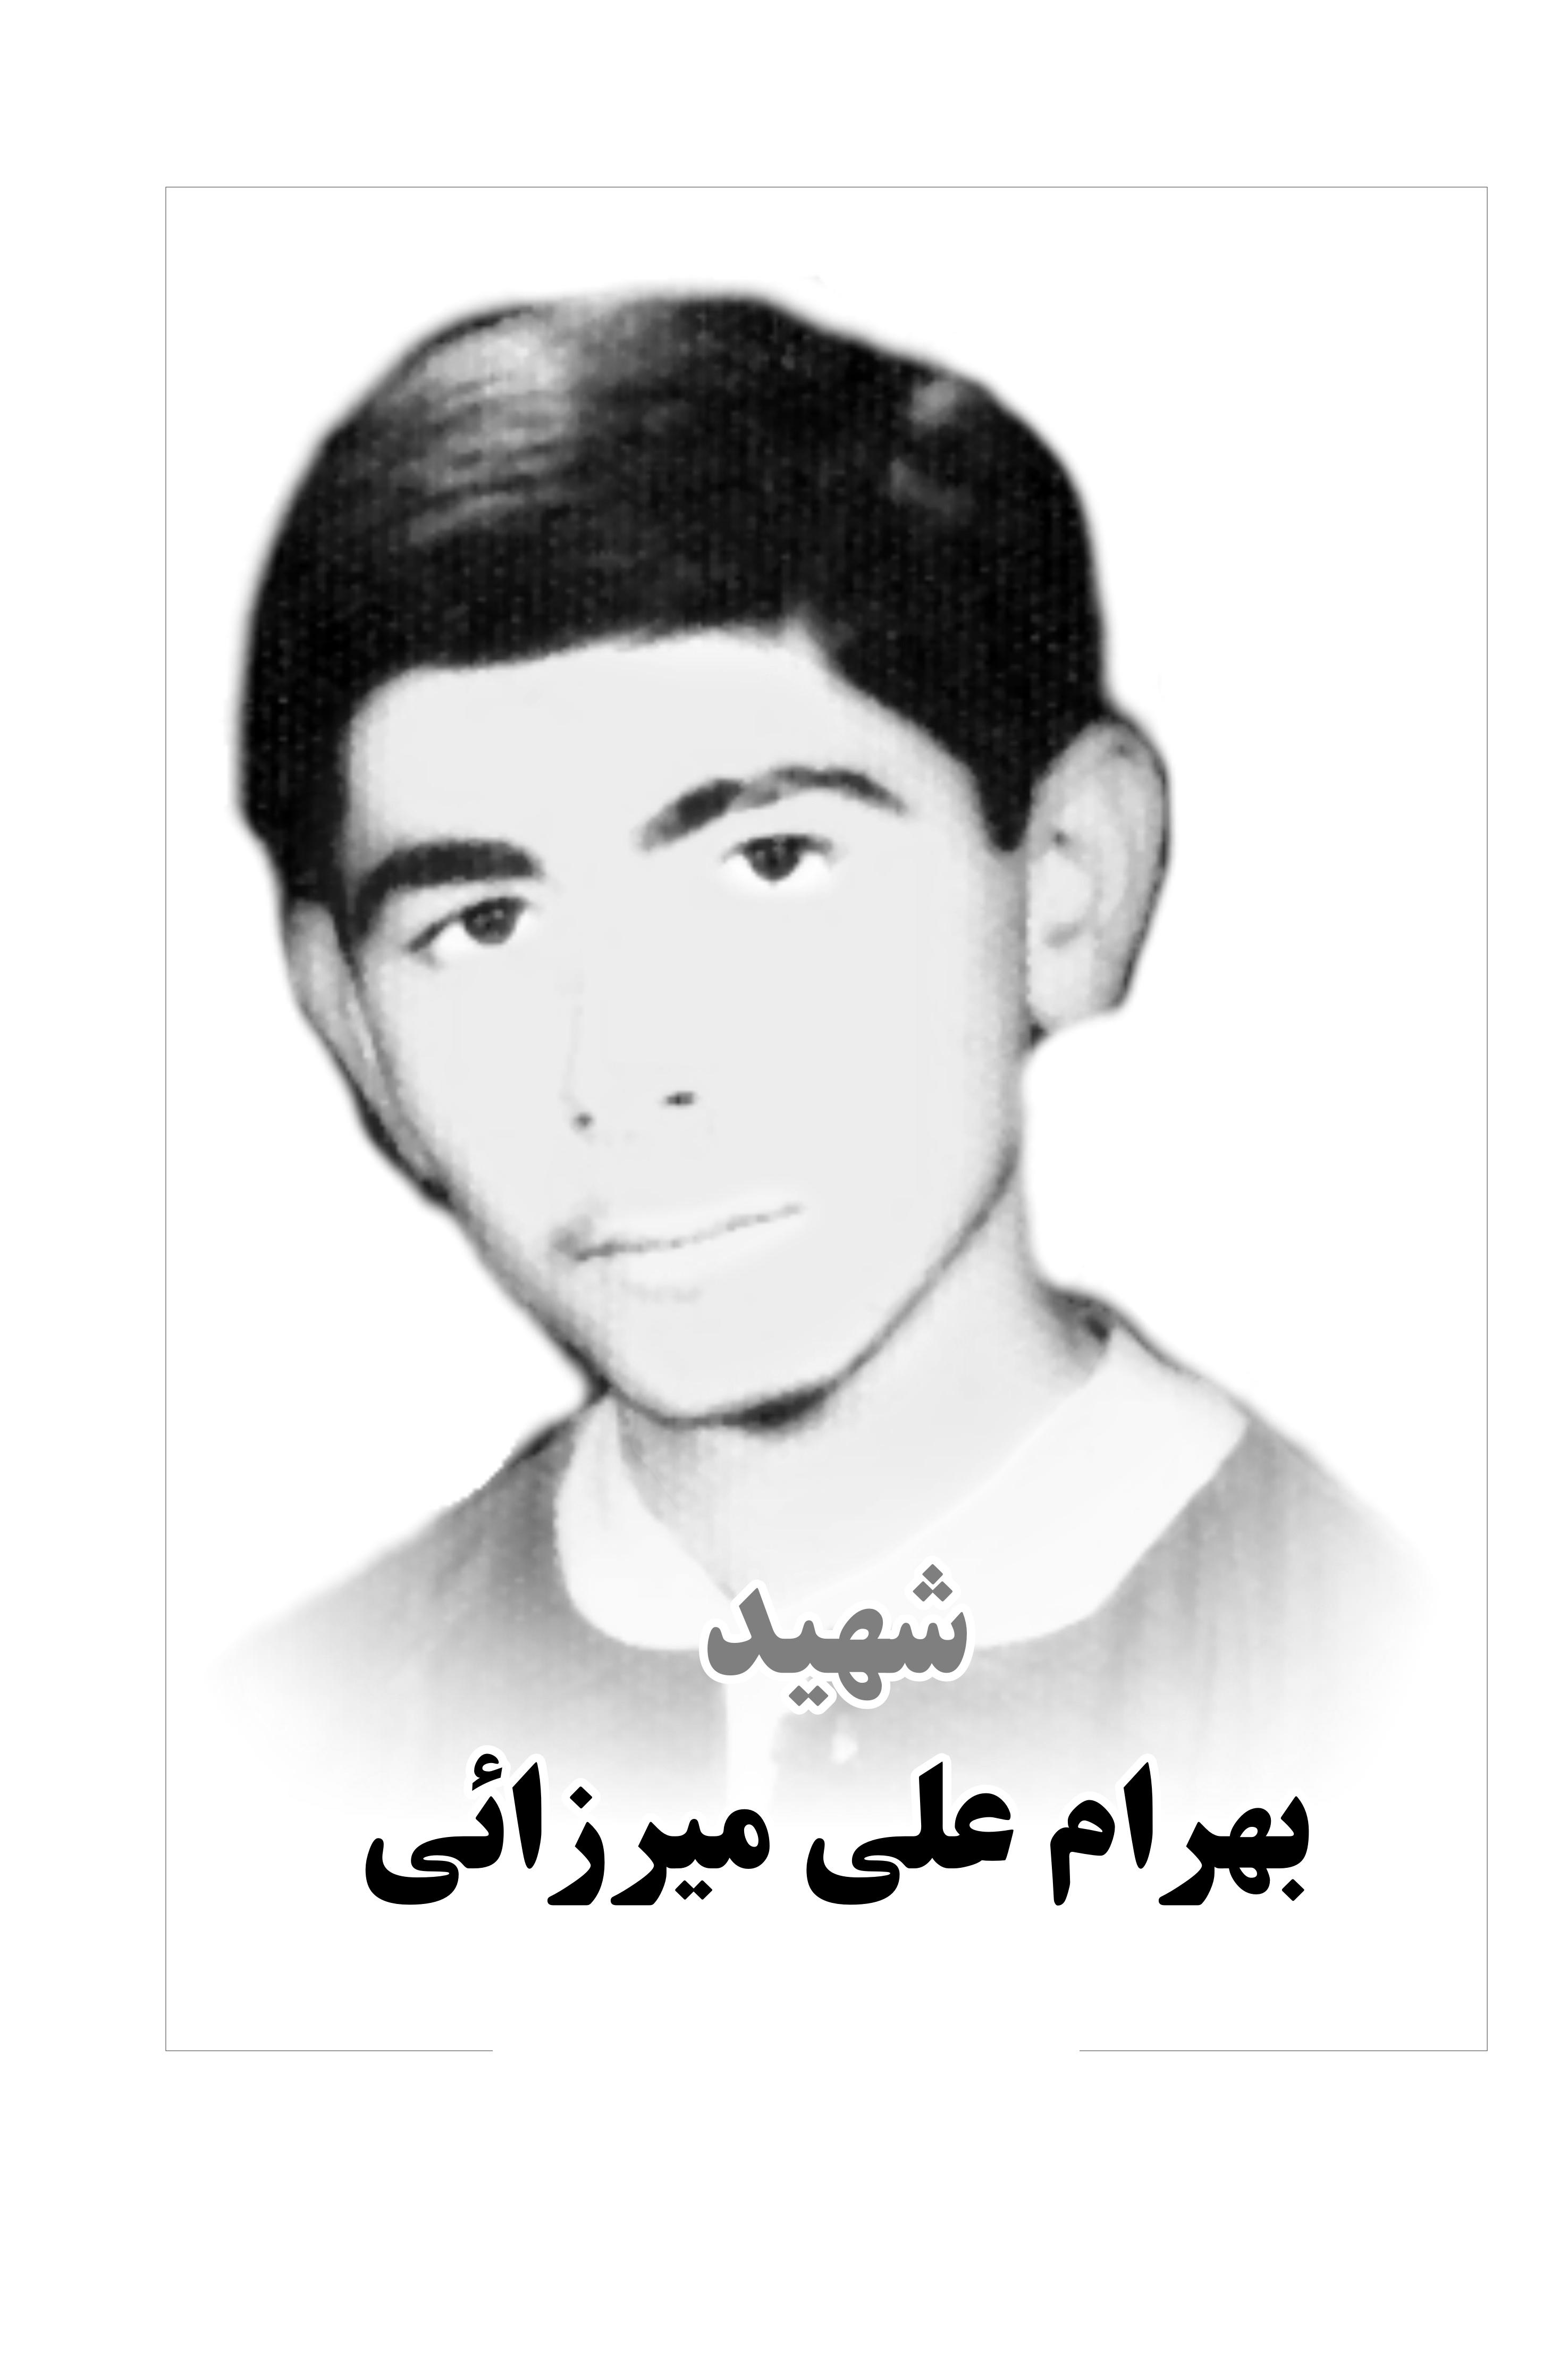 شهید بهرام علی میرزایی